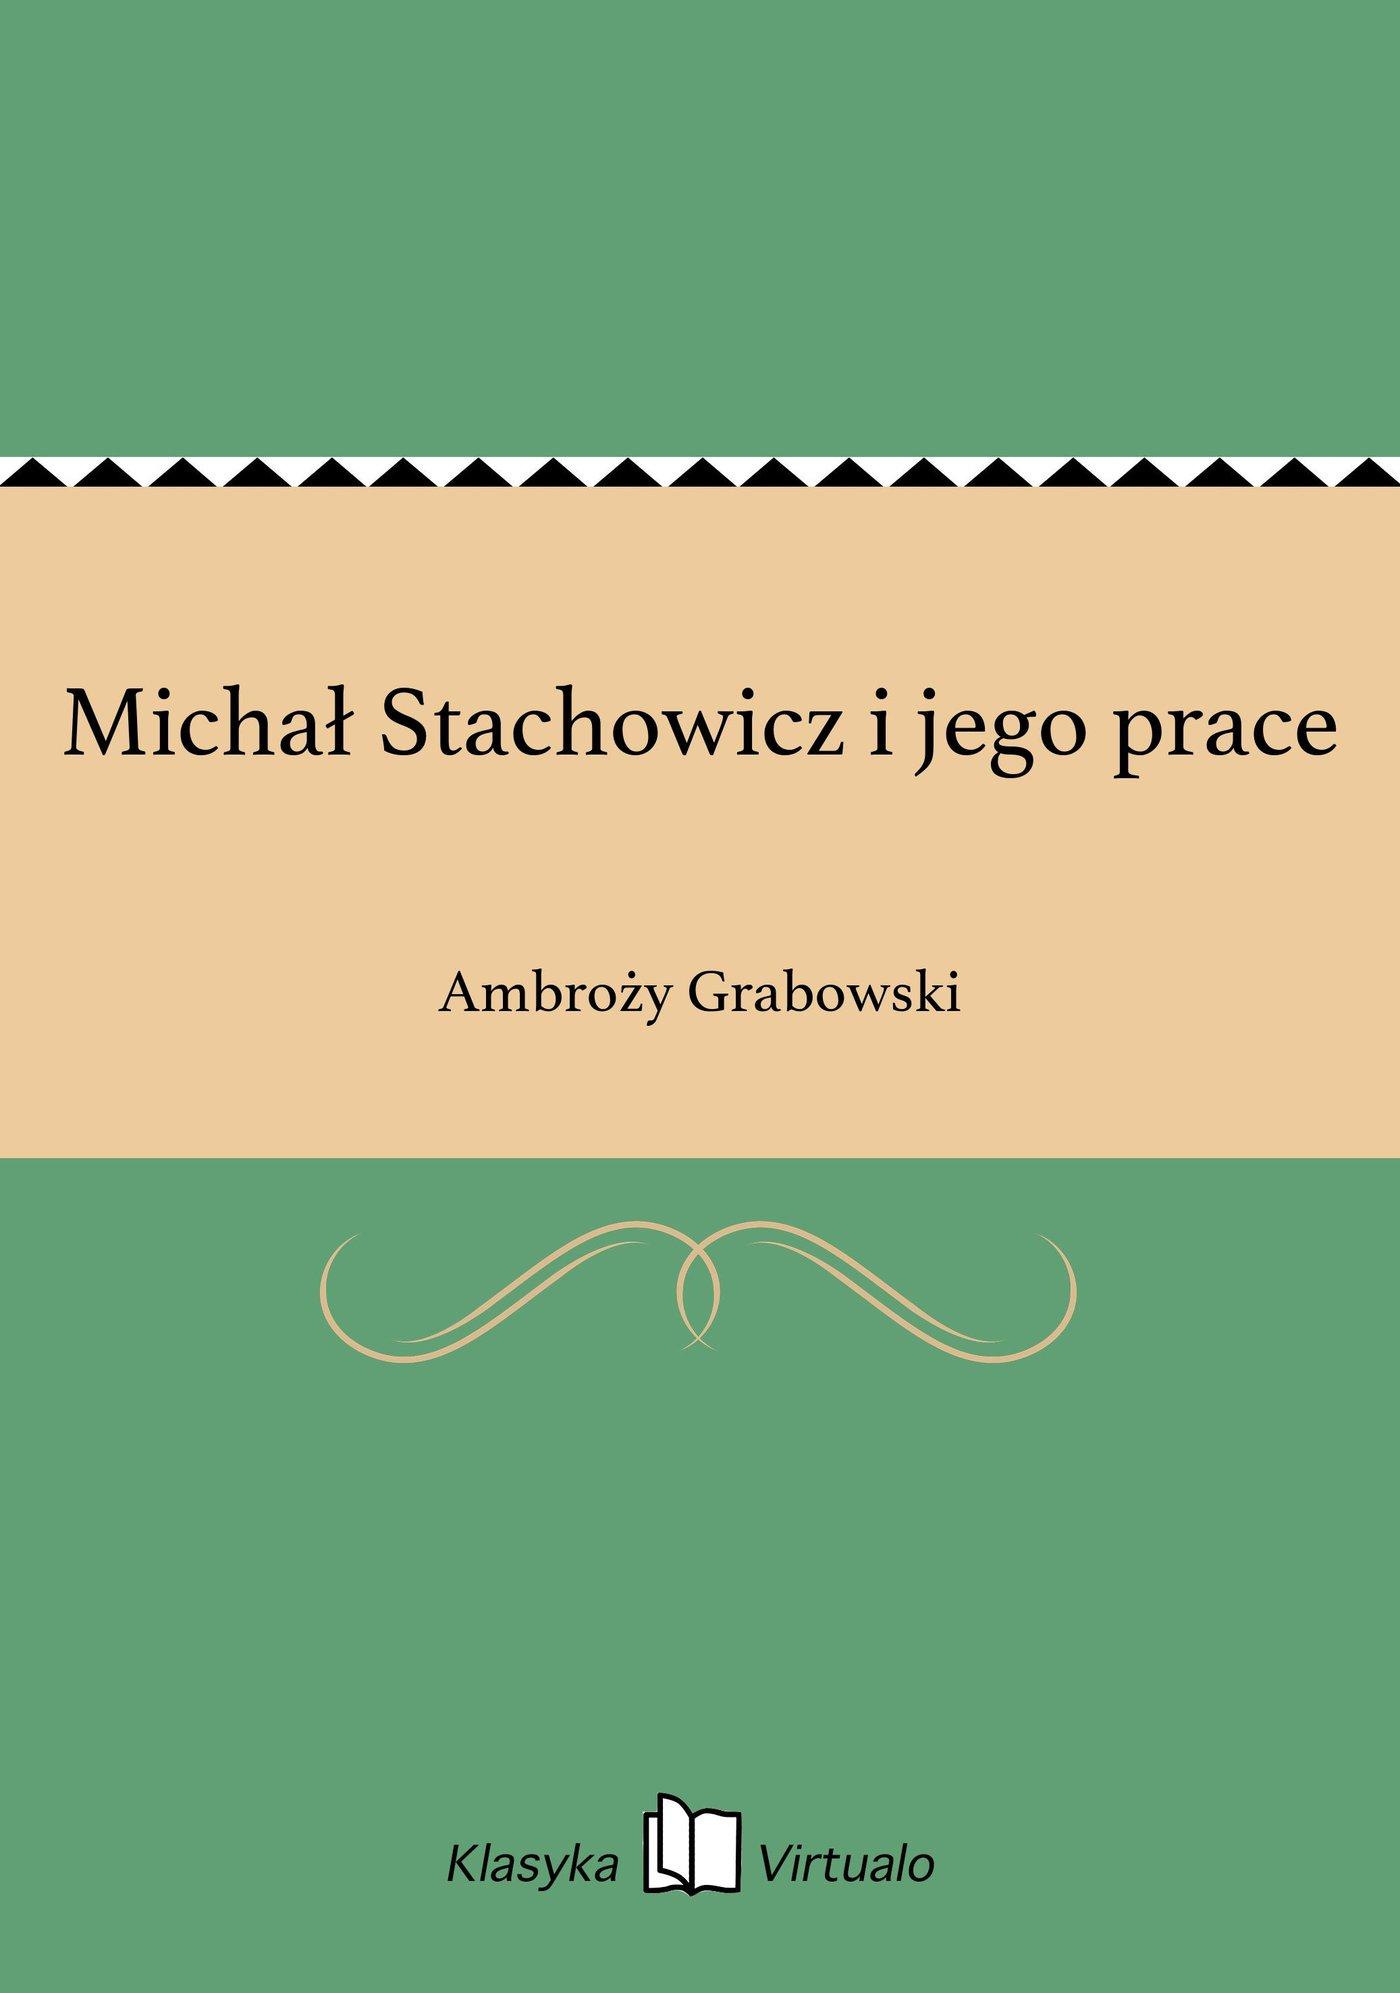 Michał Stachowicz i jego prace - Ebook (Książka EPUB) do pobrania w formacie EPUB